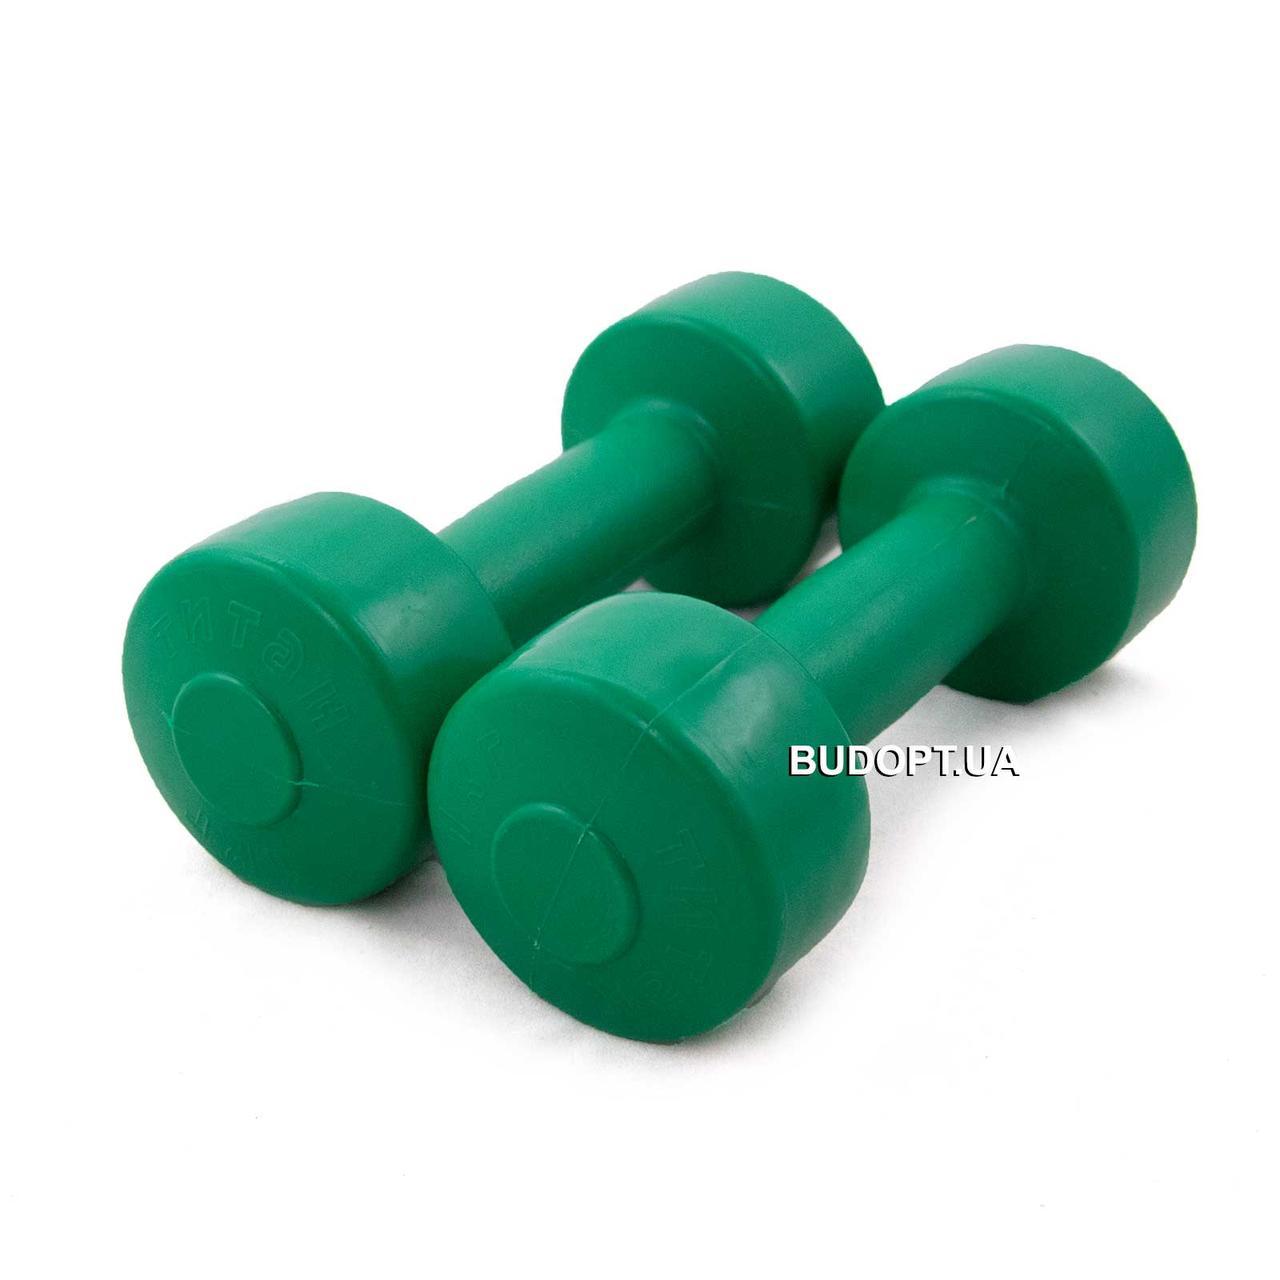 Гантели для фитнеса OSPORT Титан 1 кг (FI-0094-1) - O-SPORT - спортивные товары оптом и врозницу в Харькове